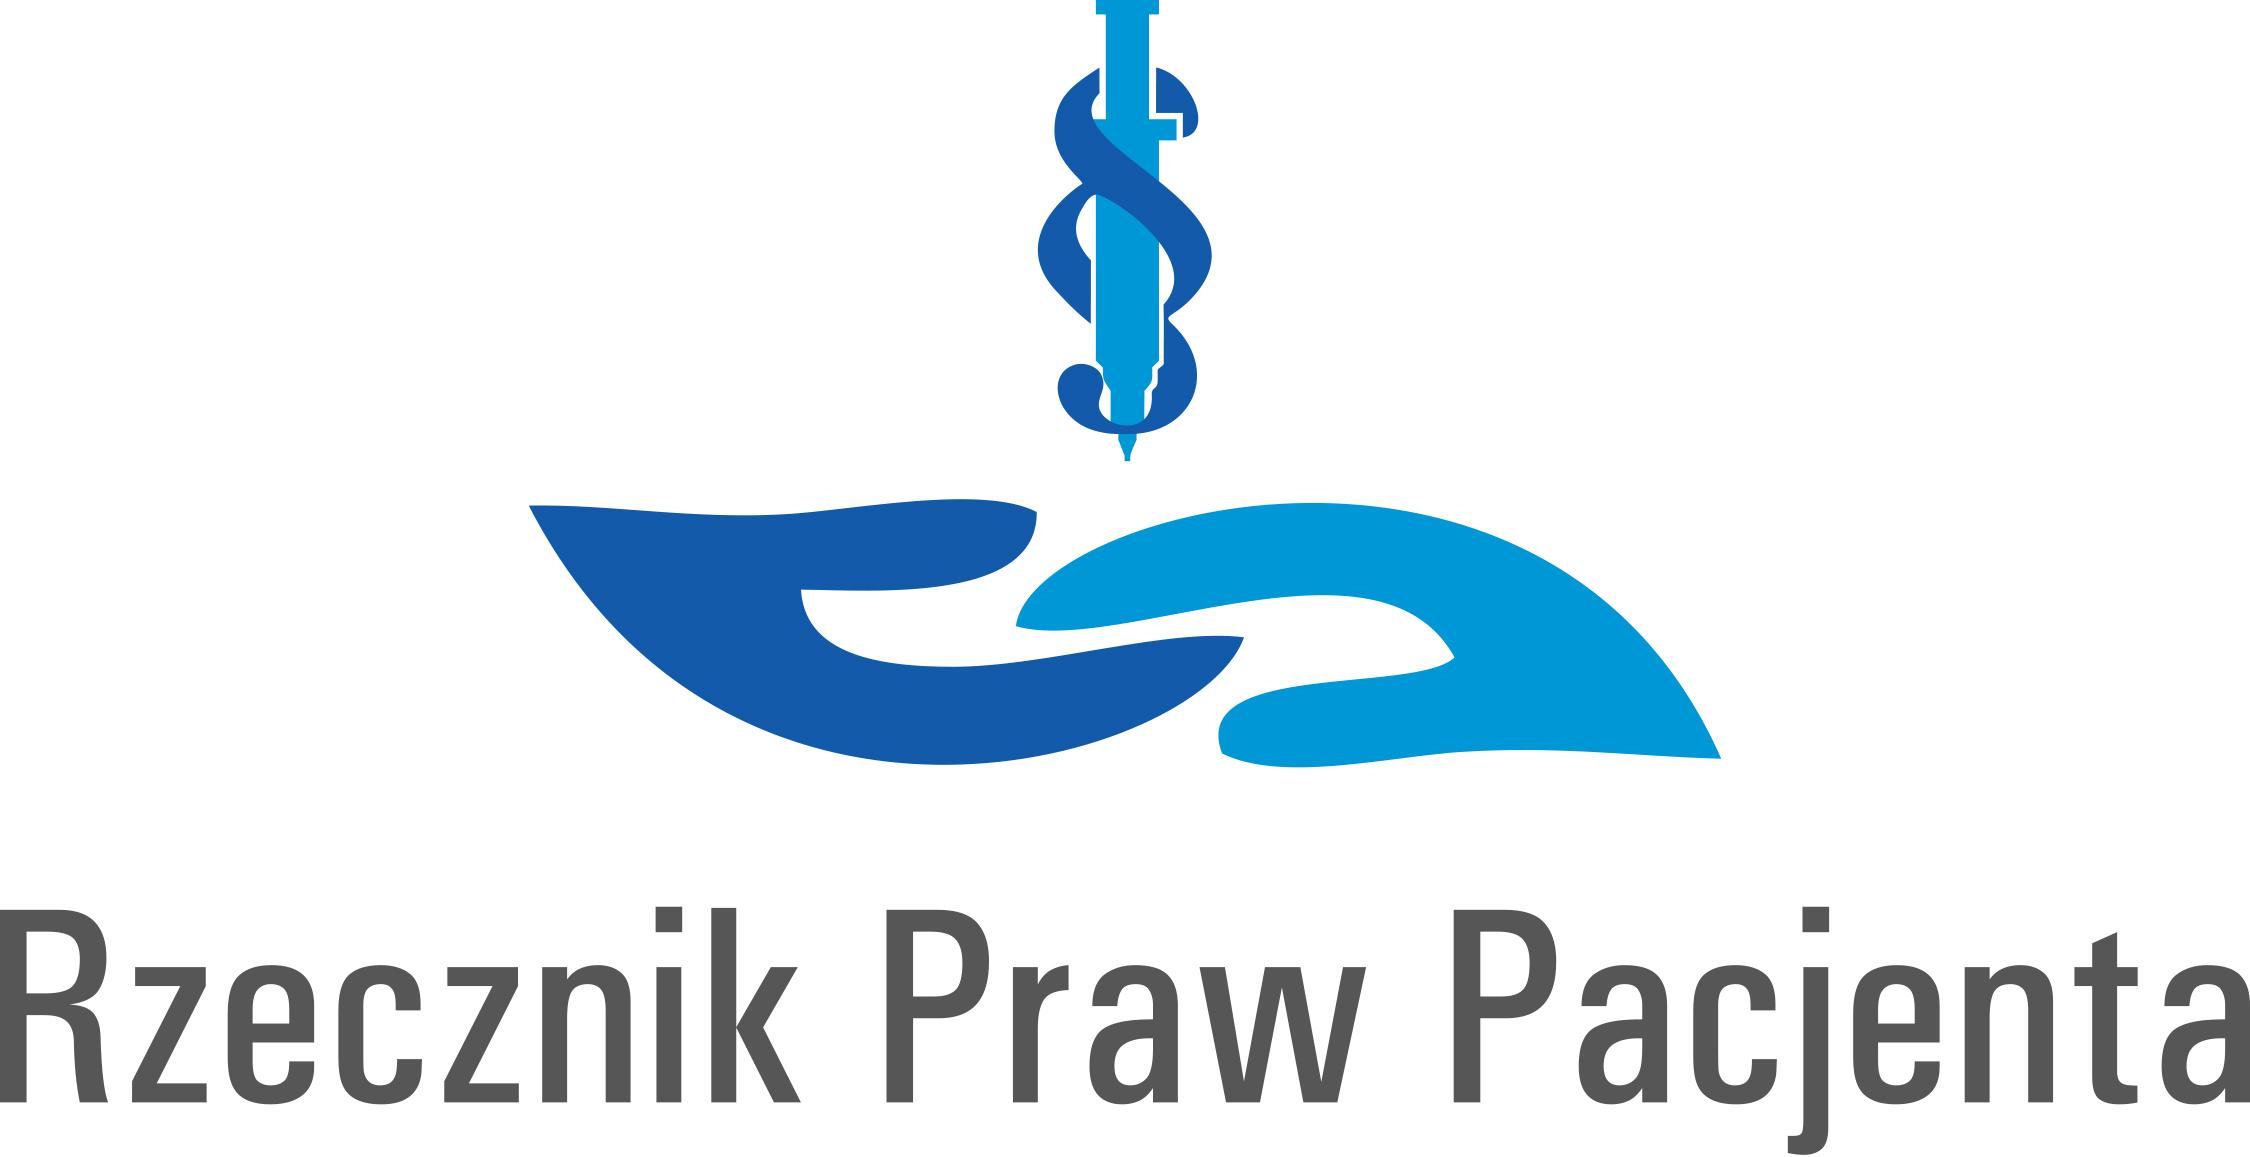 logo Rzecznik Praw Pacjenta